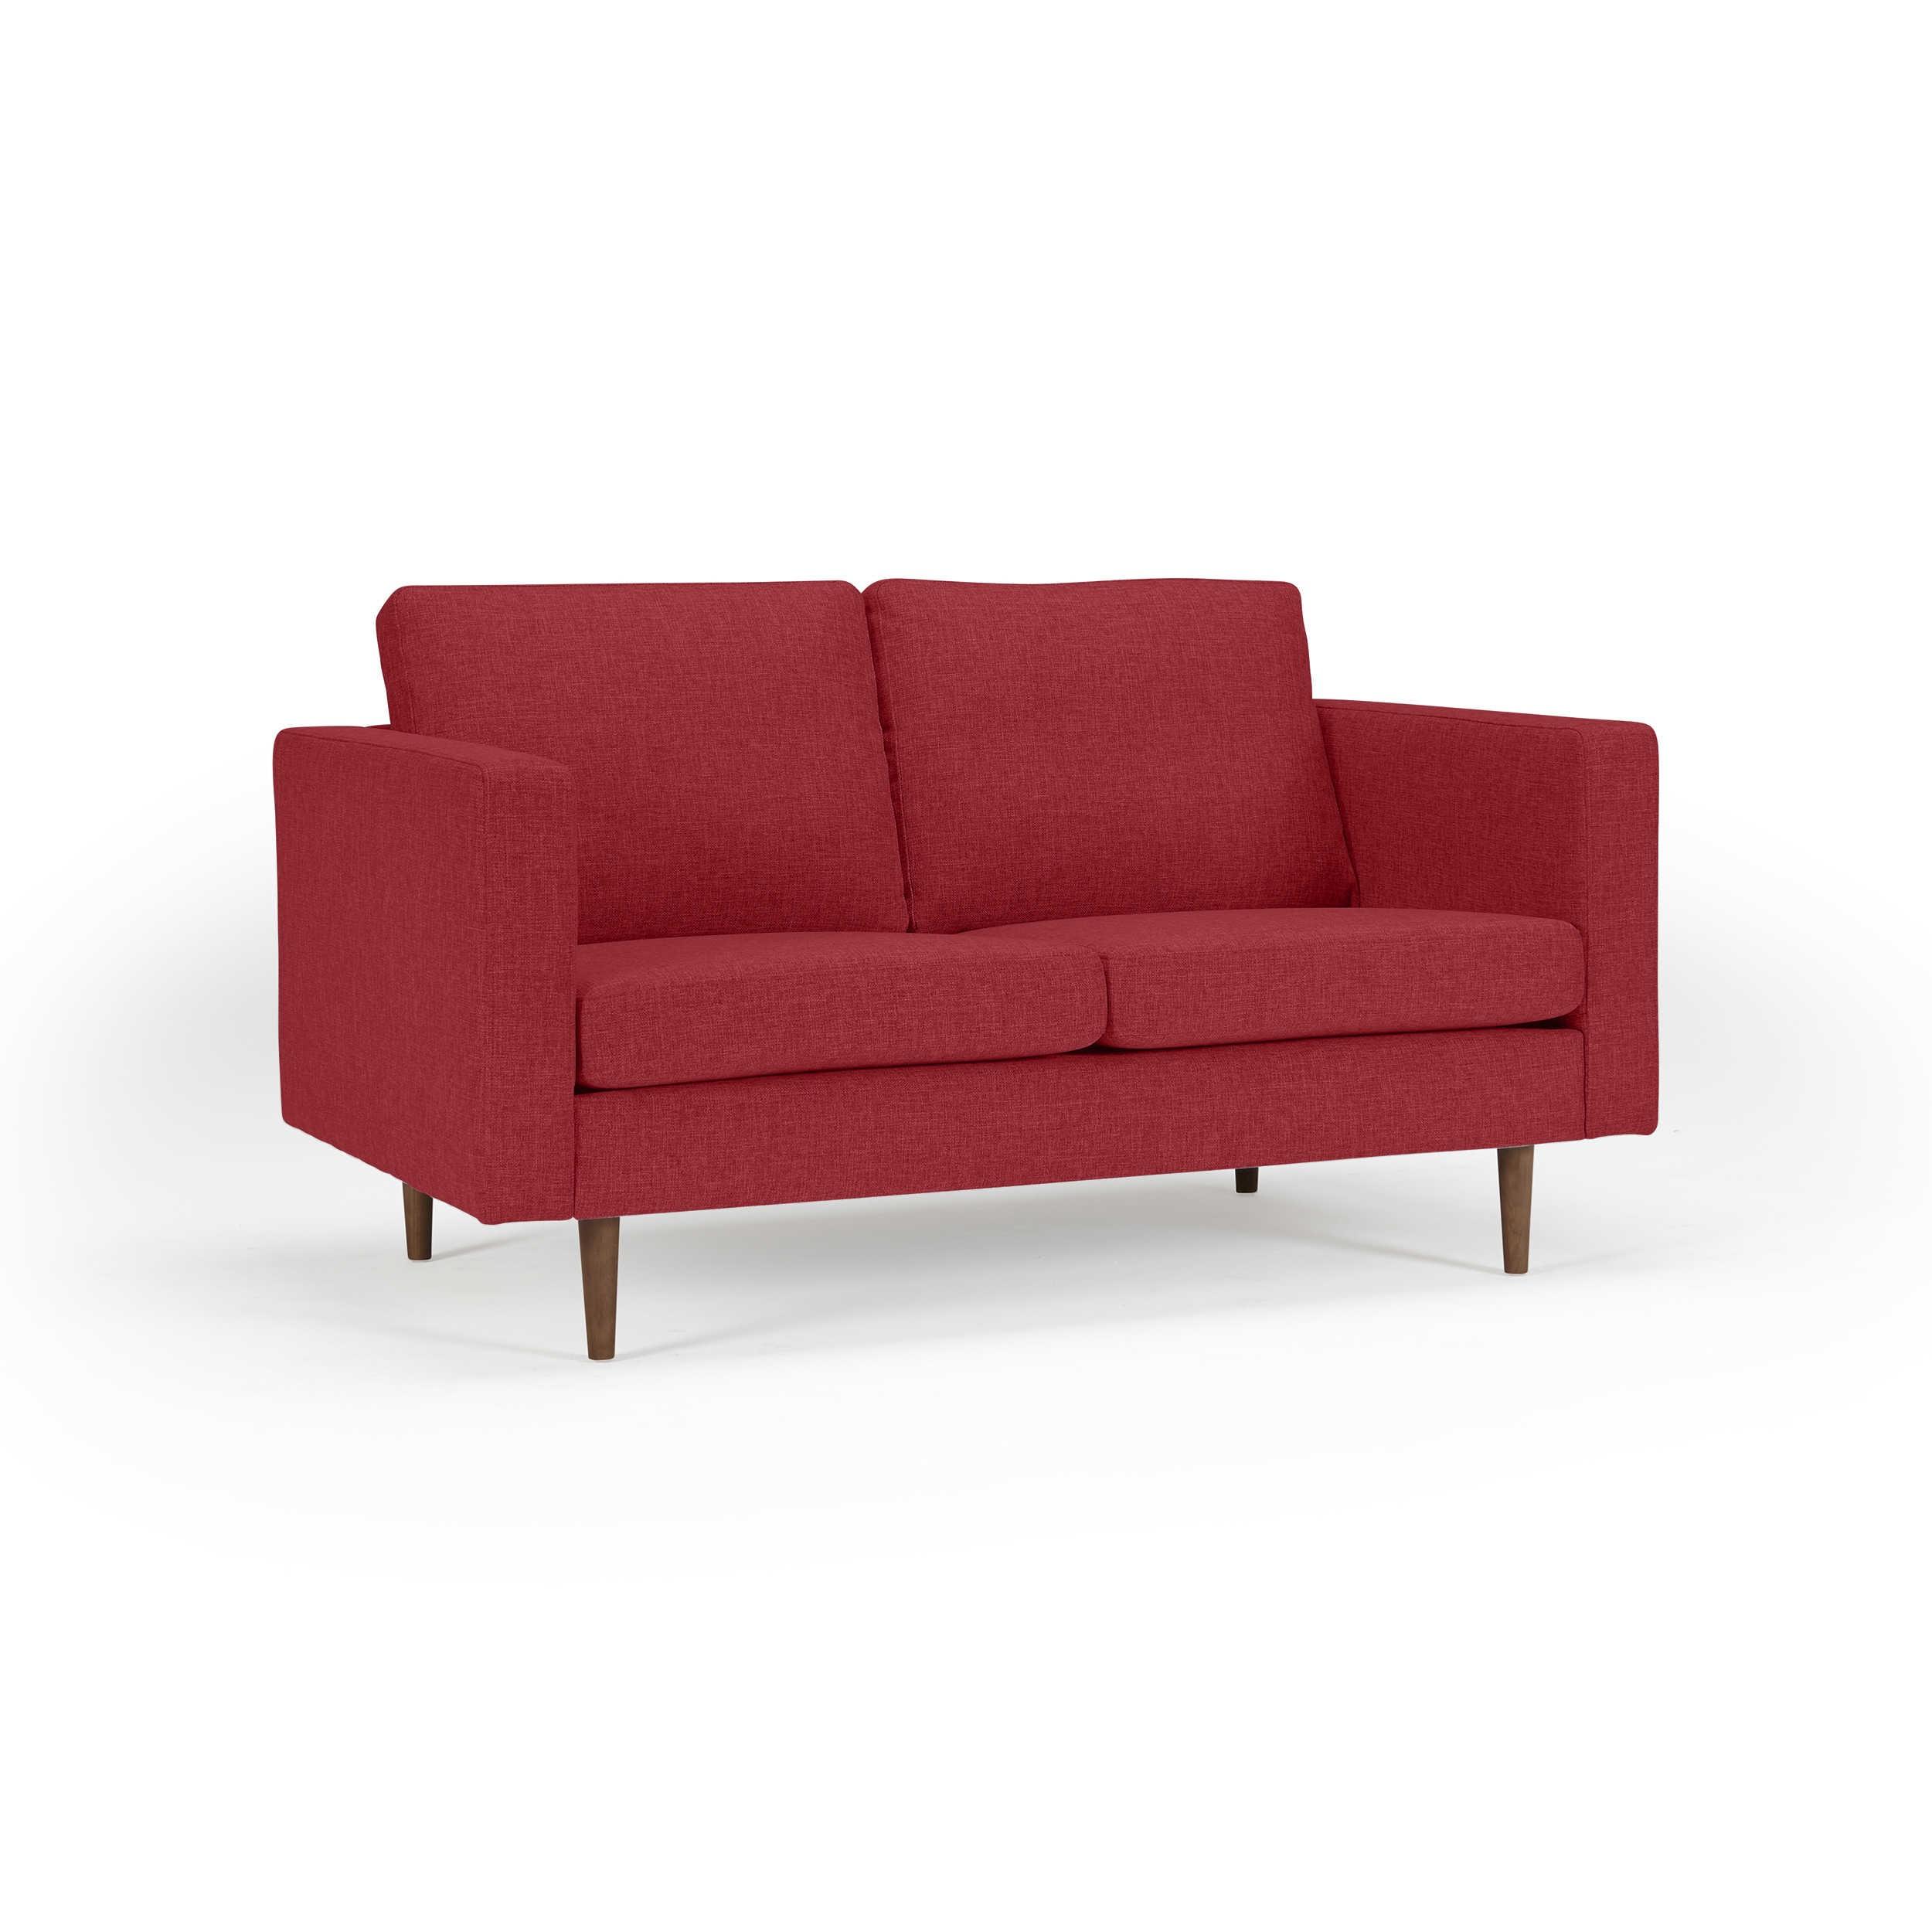 kragelund sofa k370 otto rot stoff online kaufen bei woonio. Black Bedroom Furniture Sets. Home Design Ideas